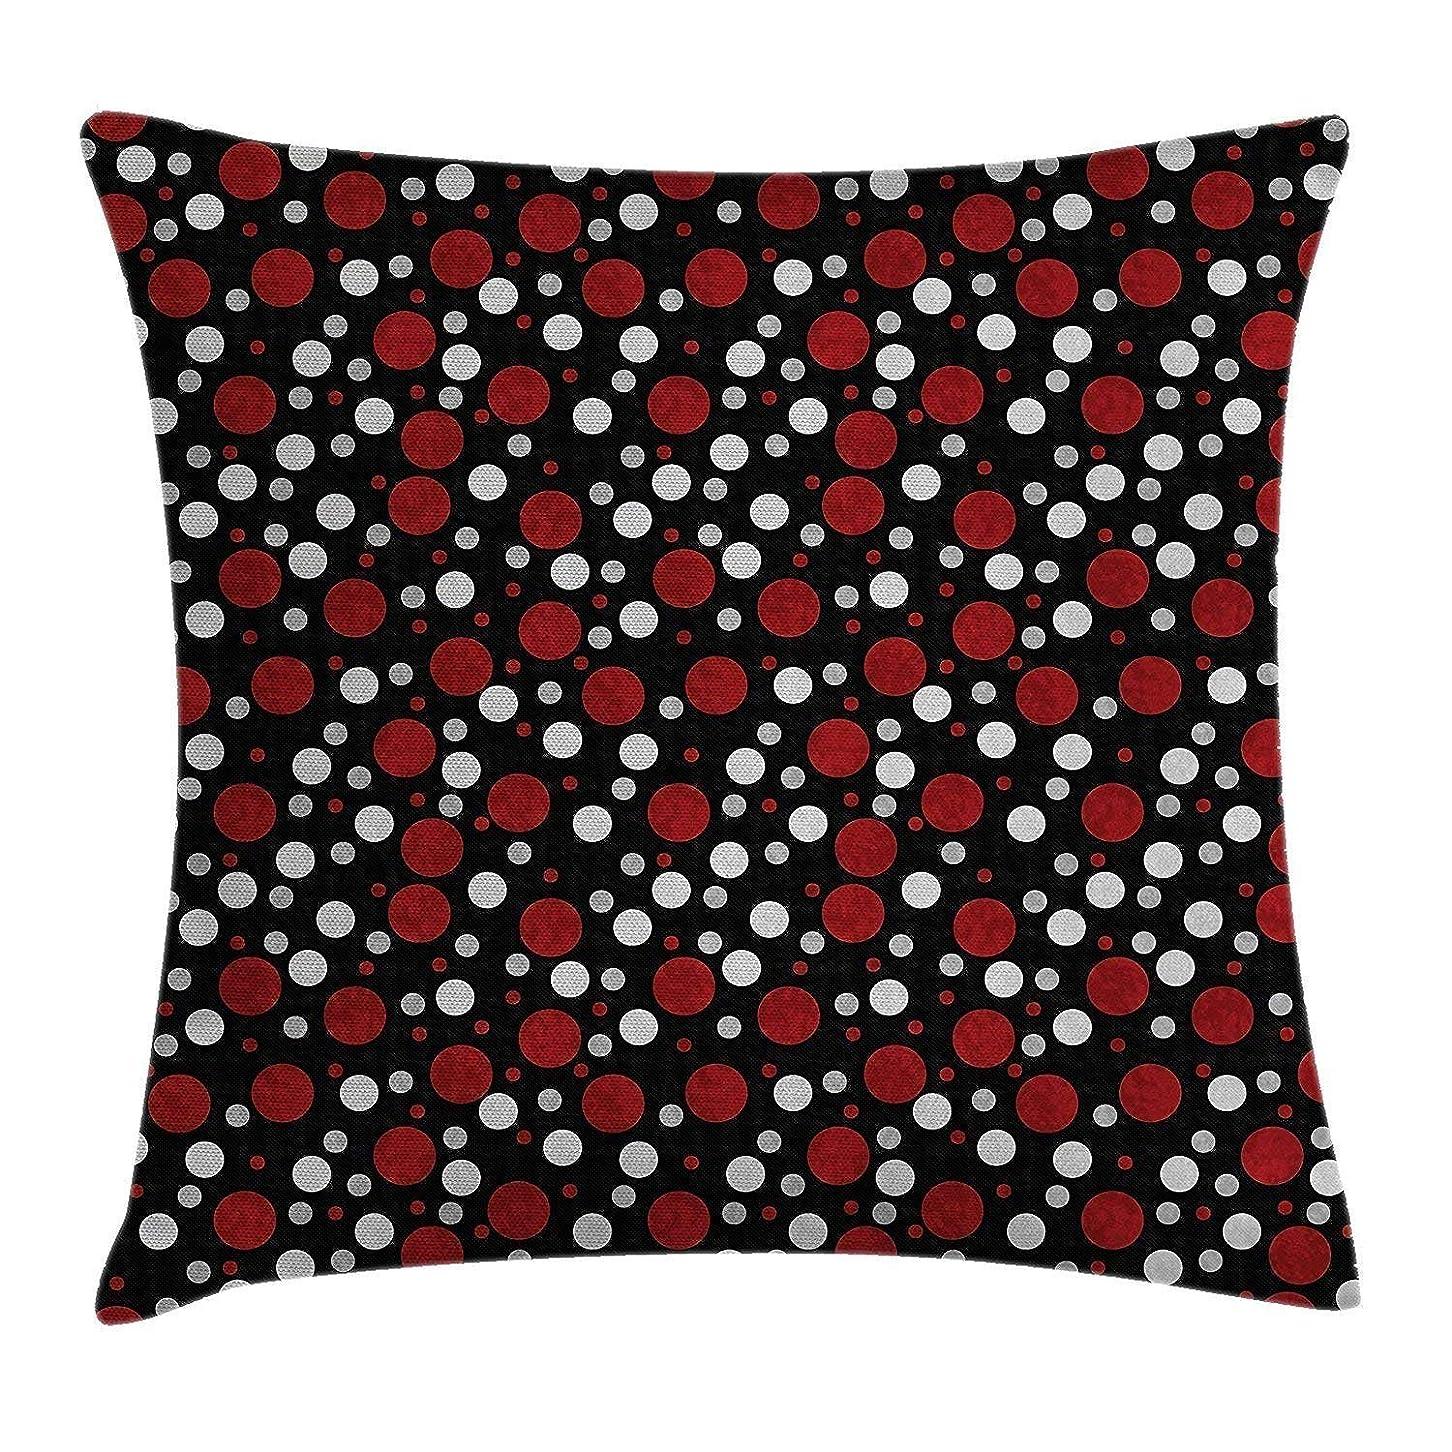 特権的ハウス頂点赤と黒の投球枕クッションカバー、アイビーと花柄のビクトリア朝の花エスニックデザインイメージプリント、装飾的な正方形のアクセント枕カバー、ルビーブラック18×18インチ